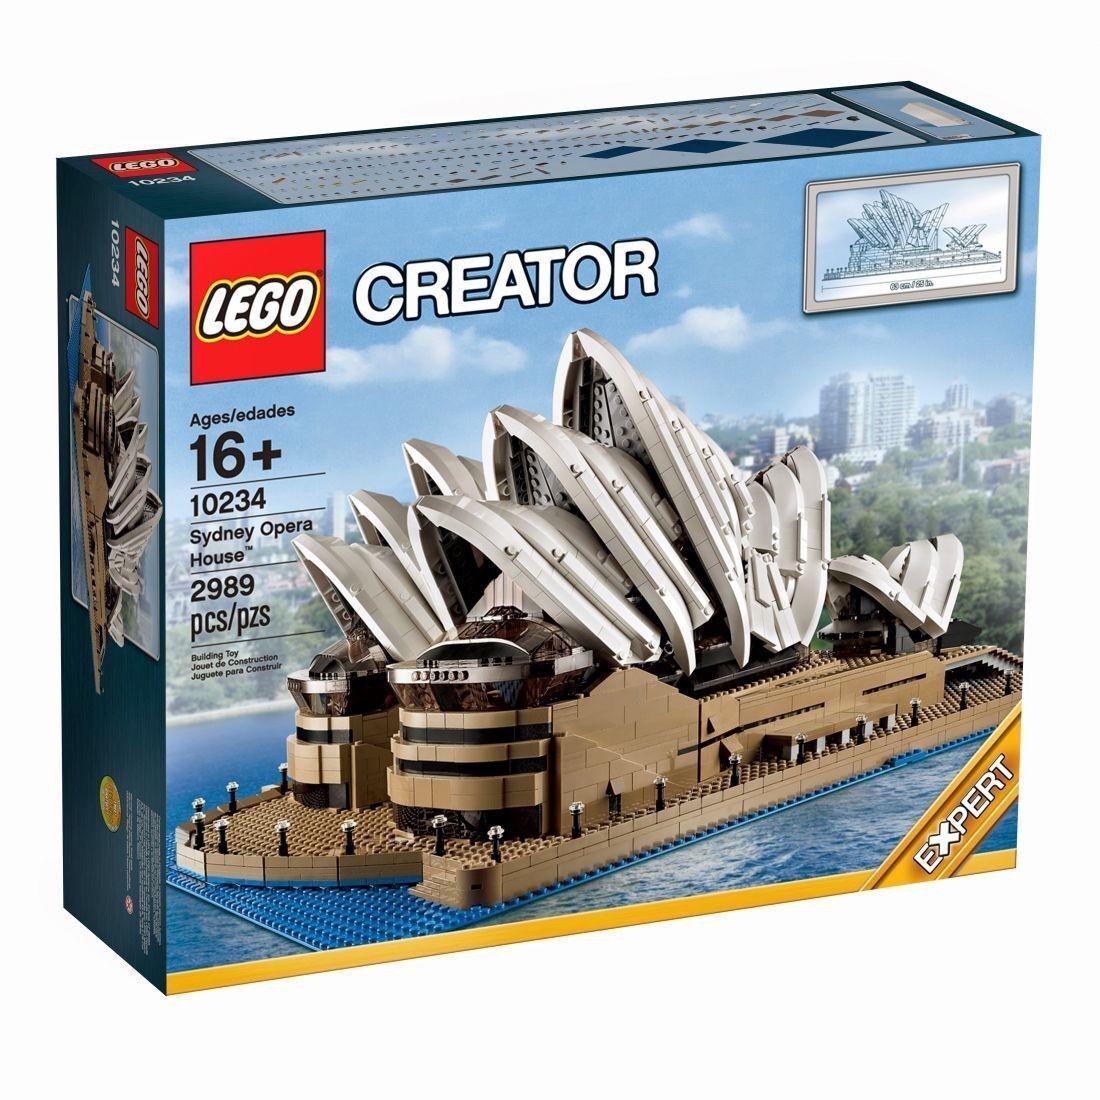 LEGO Creator Sydney Opera House House House (10234) NEW SEALED Global Shipping 22089f